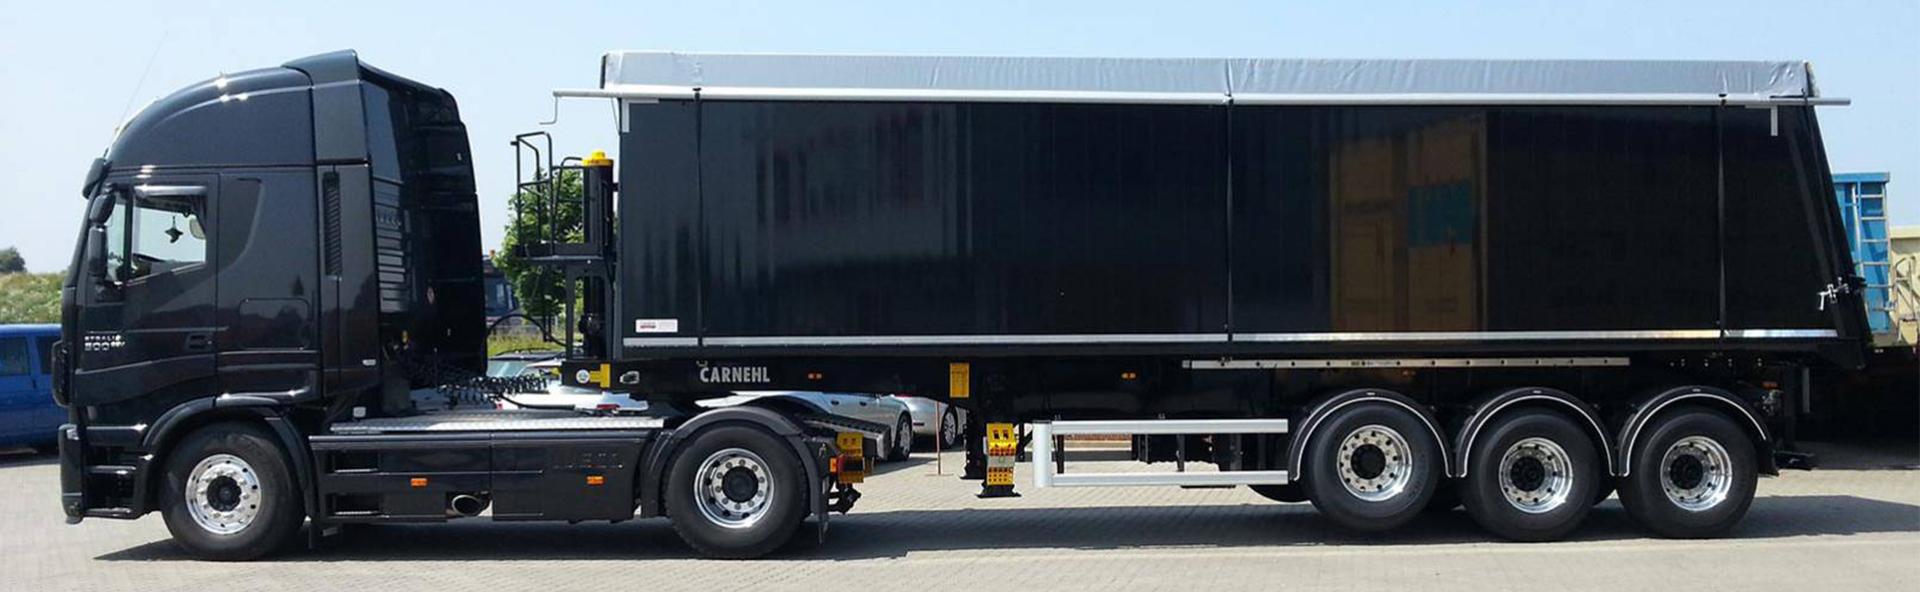 main-slide-truck2